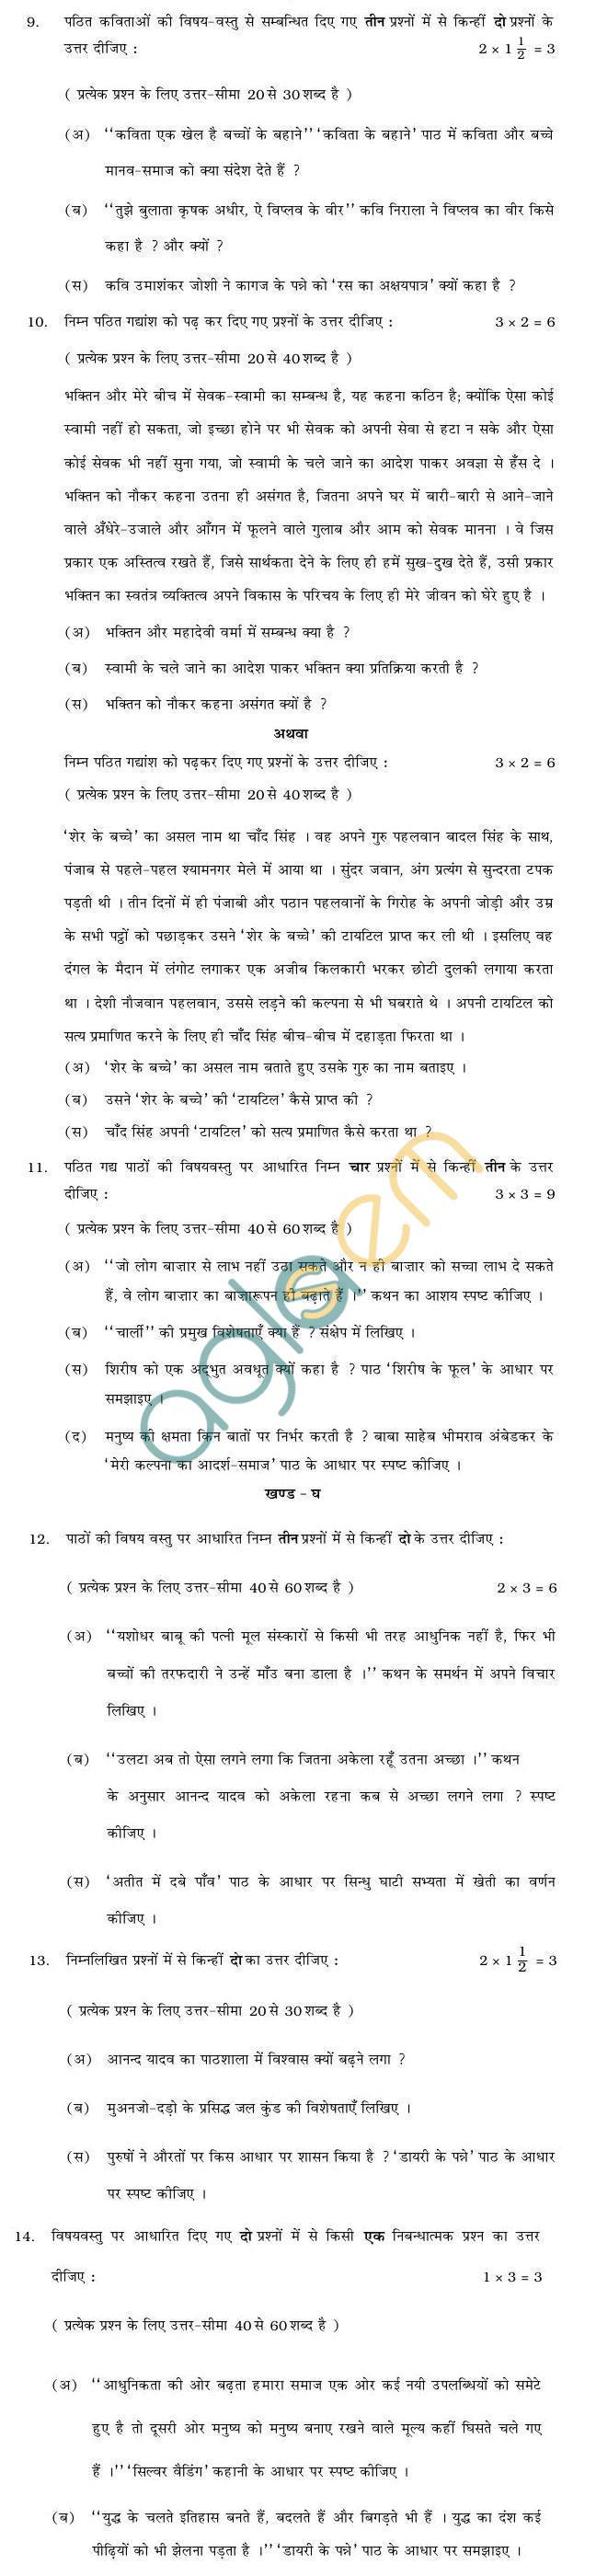 Rajasthan Board V Upadhyay Hindi (C) Question Paper 2013